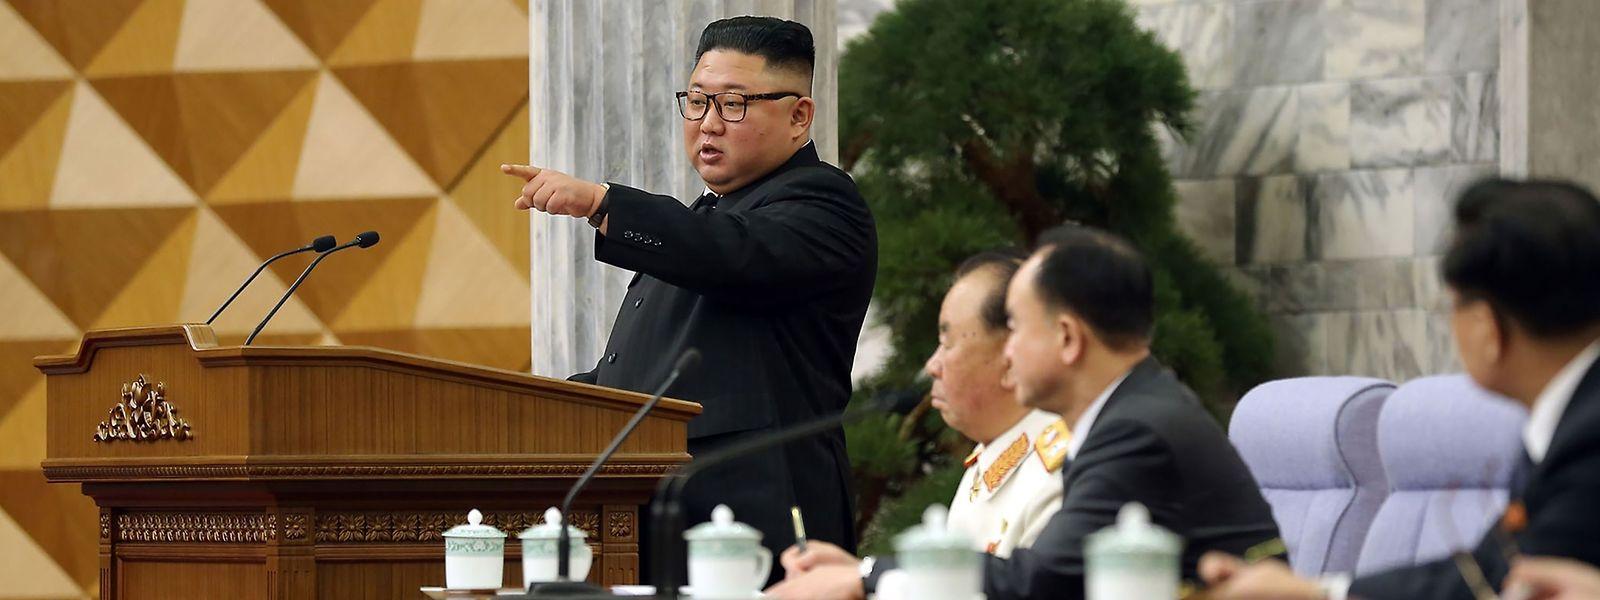 Laut einem internen UN-Bericht finanziert Nordkorea sein Atomwaffenprogramm unter anderem auch mit Hacker-Aktivitäten.